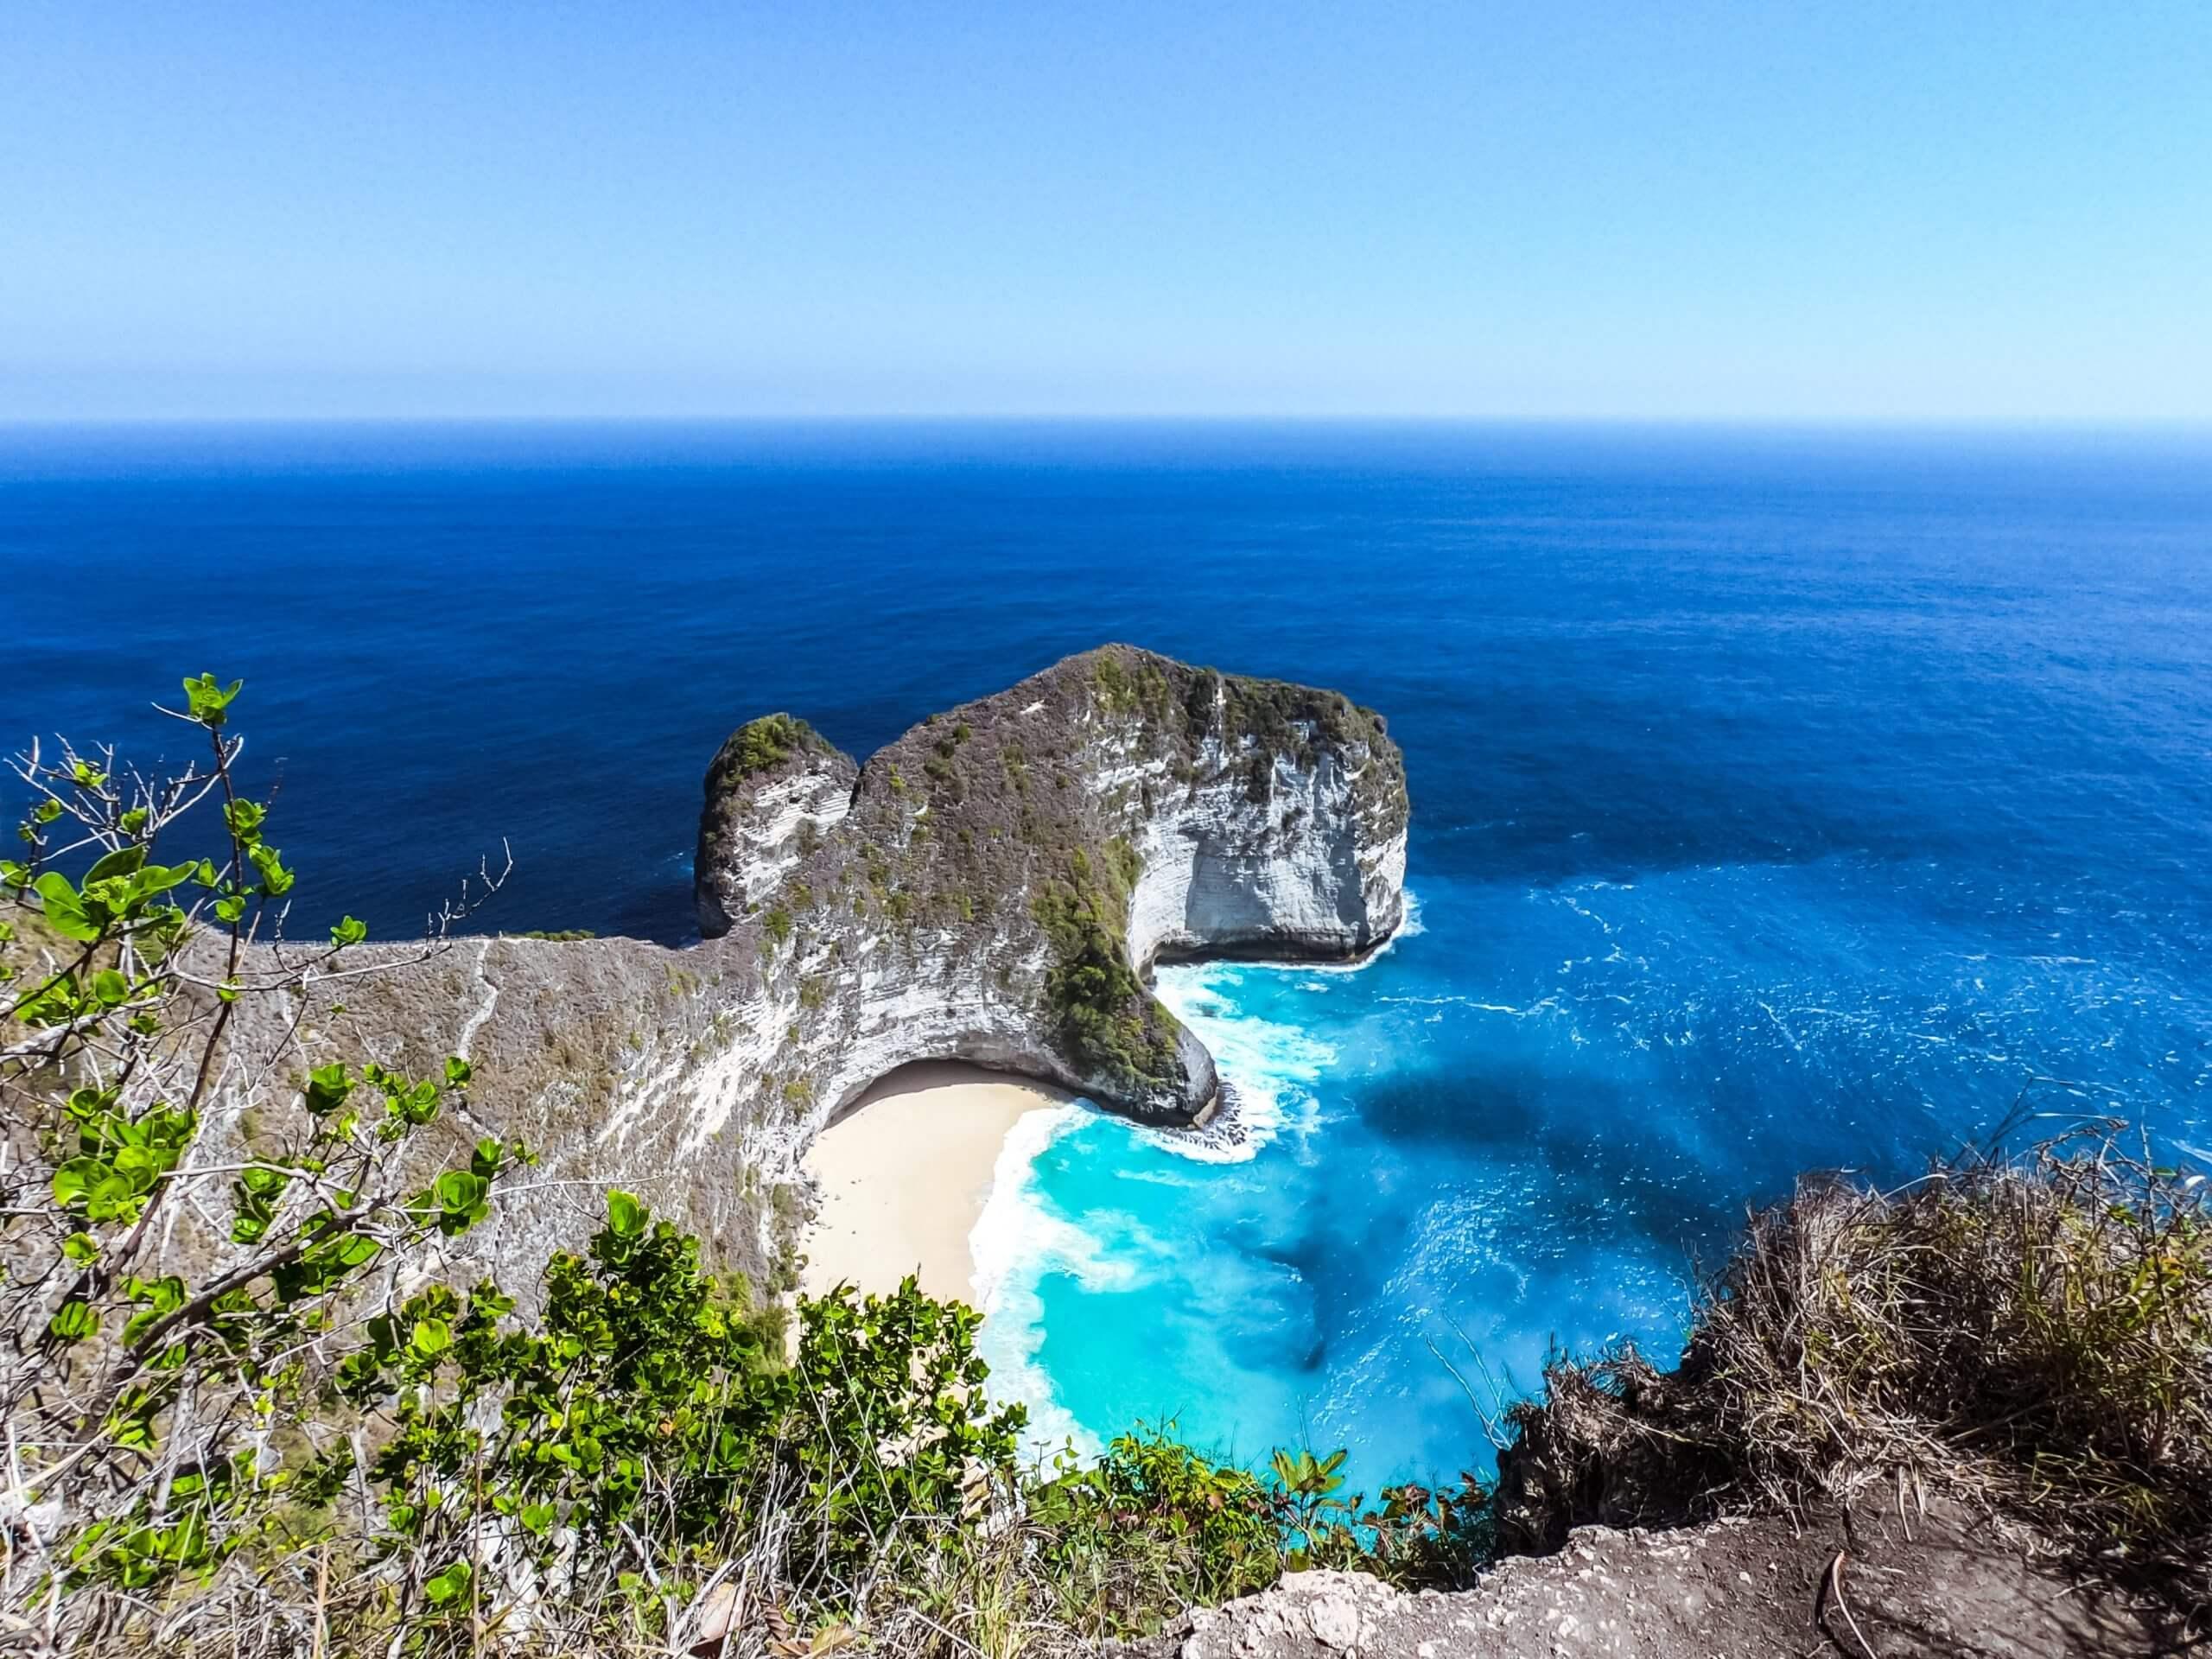 Kellingking beach on Nusa Penida island, Indonesia